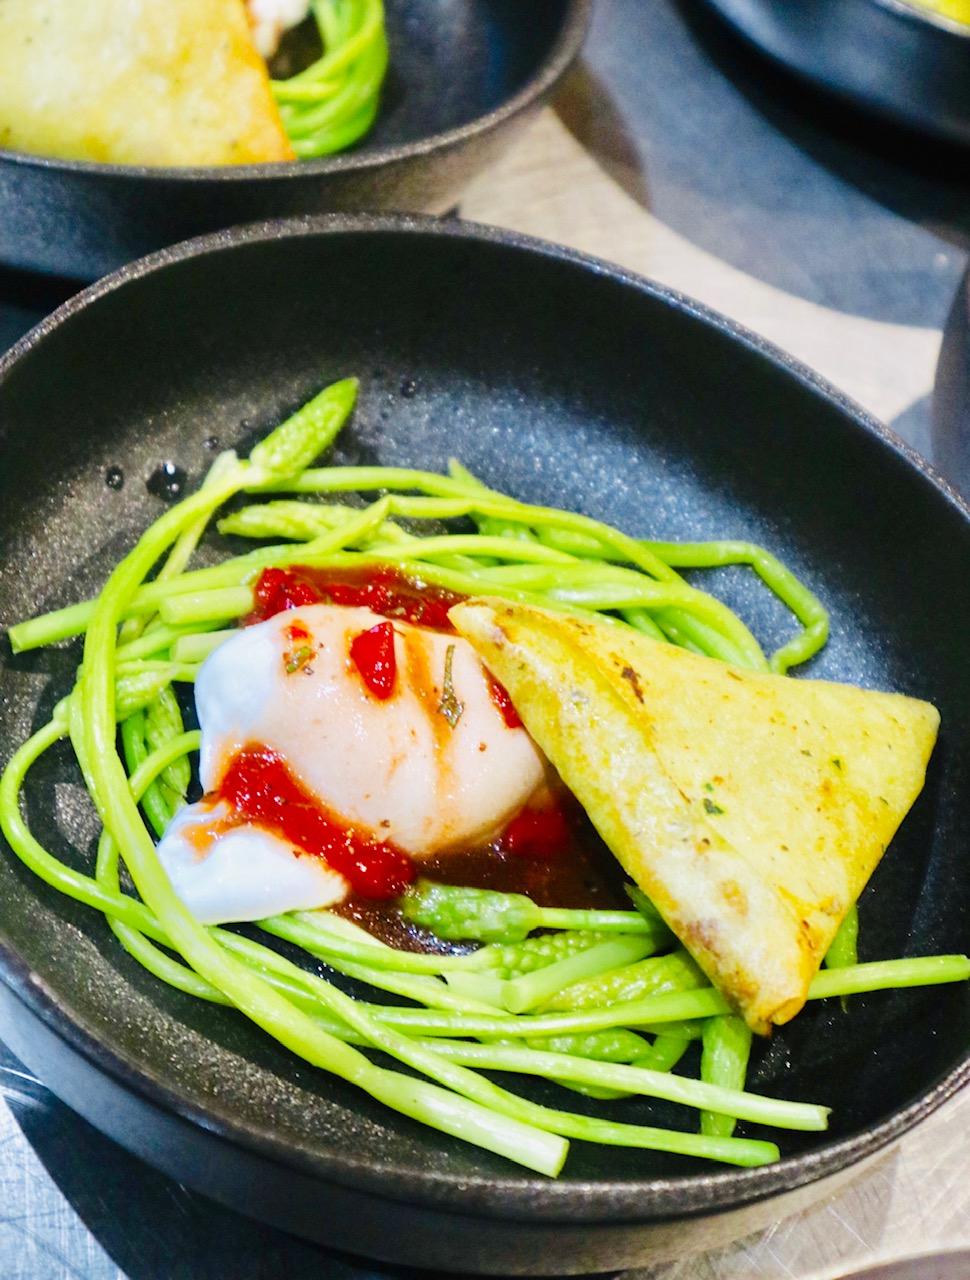 Salade d'asperges sauvages, oeuf poché, vinaigrette fraise-mélisse, samoussas au pesto